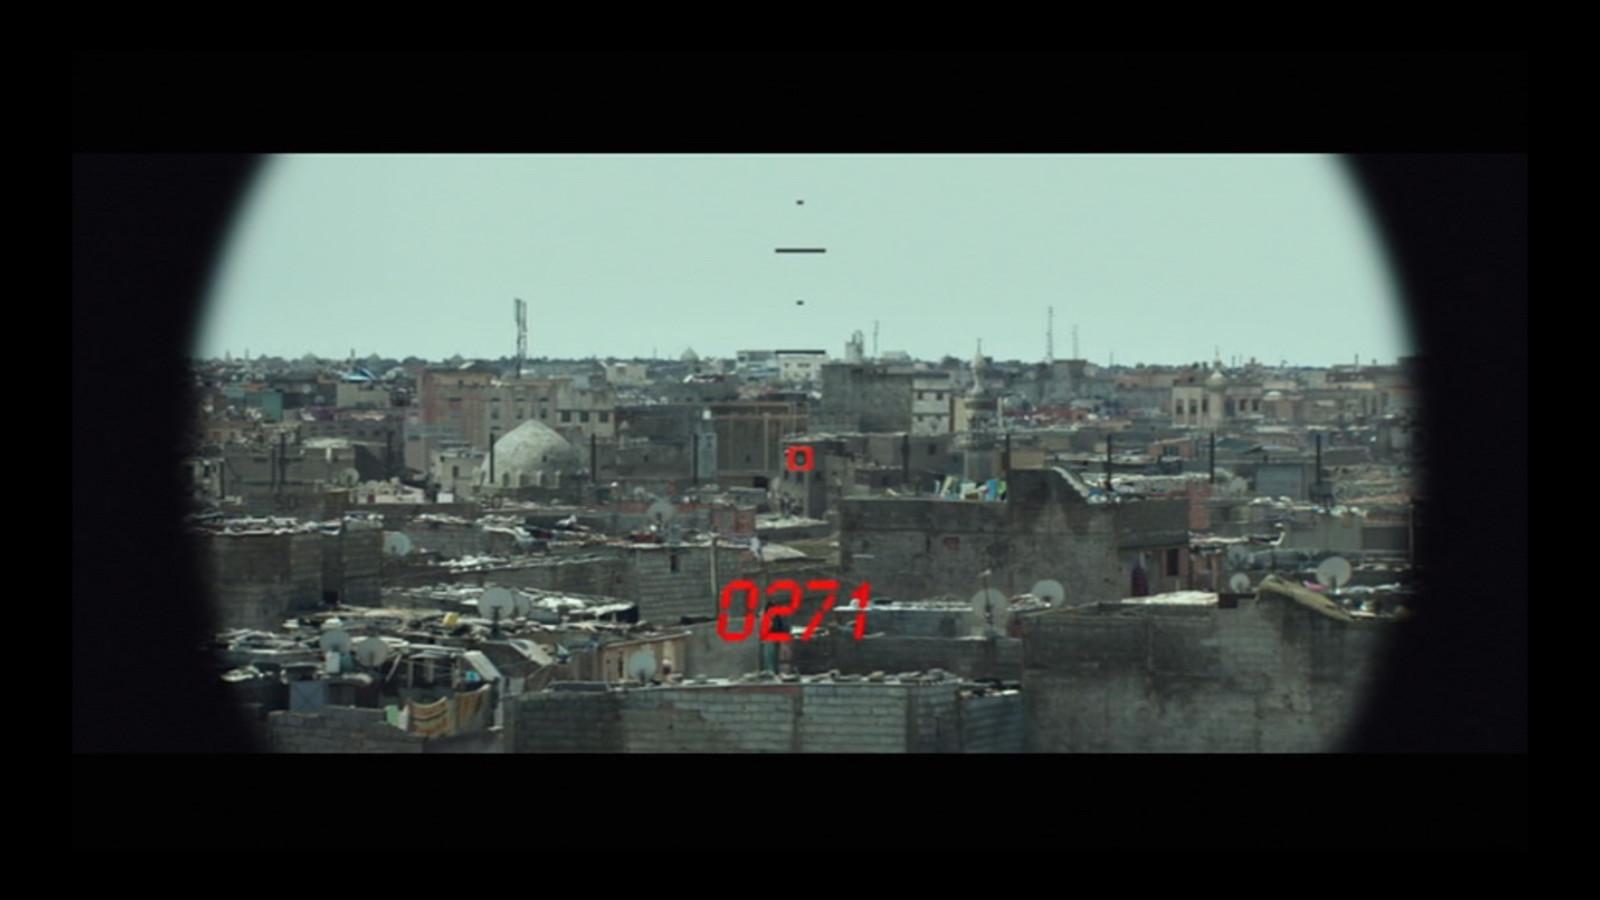 American Sniper: Sadr City - Scope POV Photoshop and Nuke